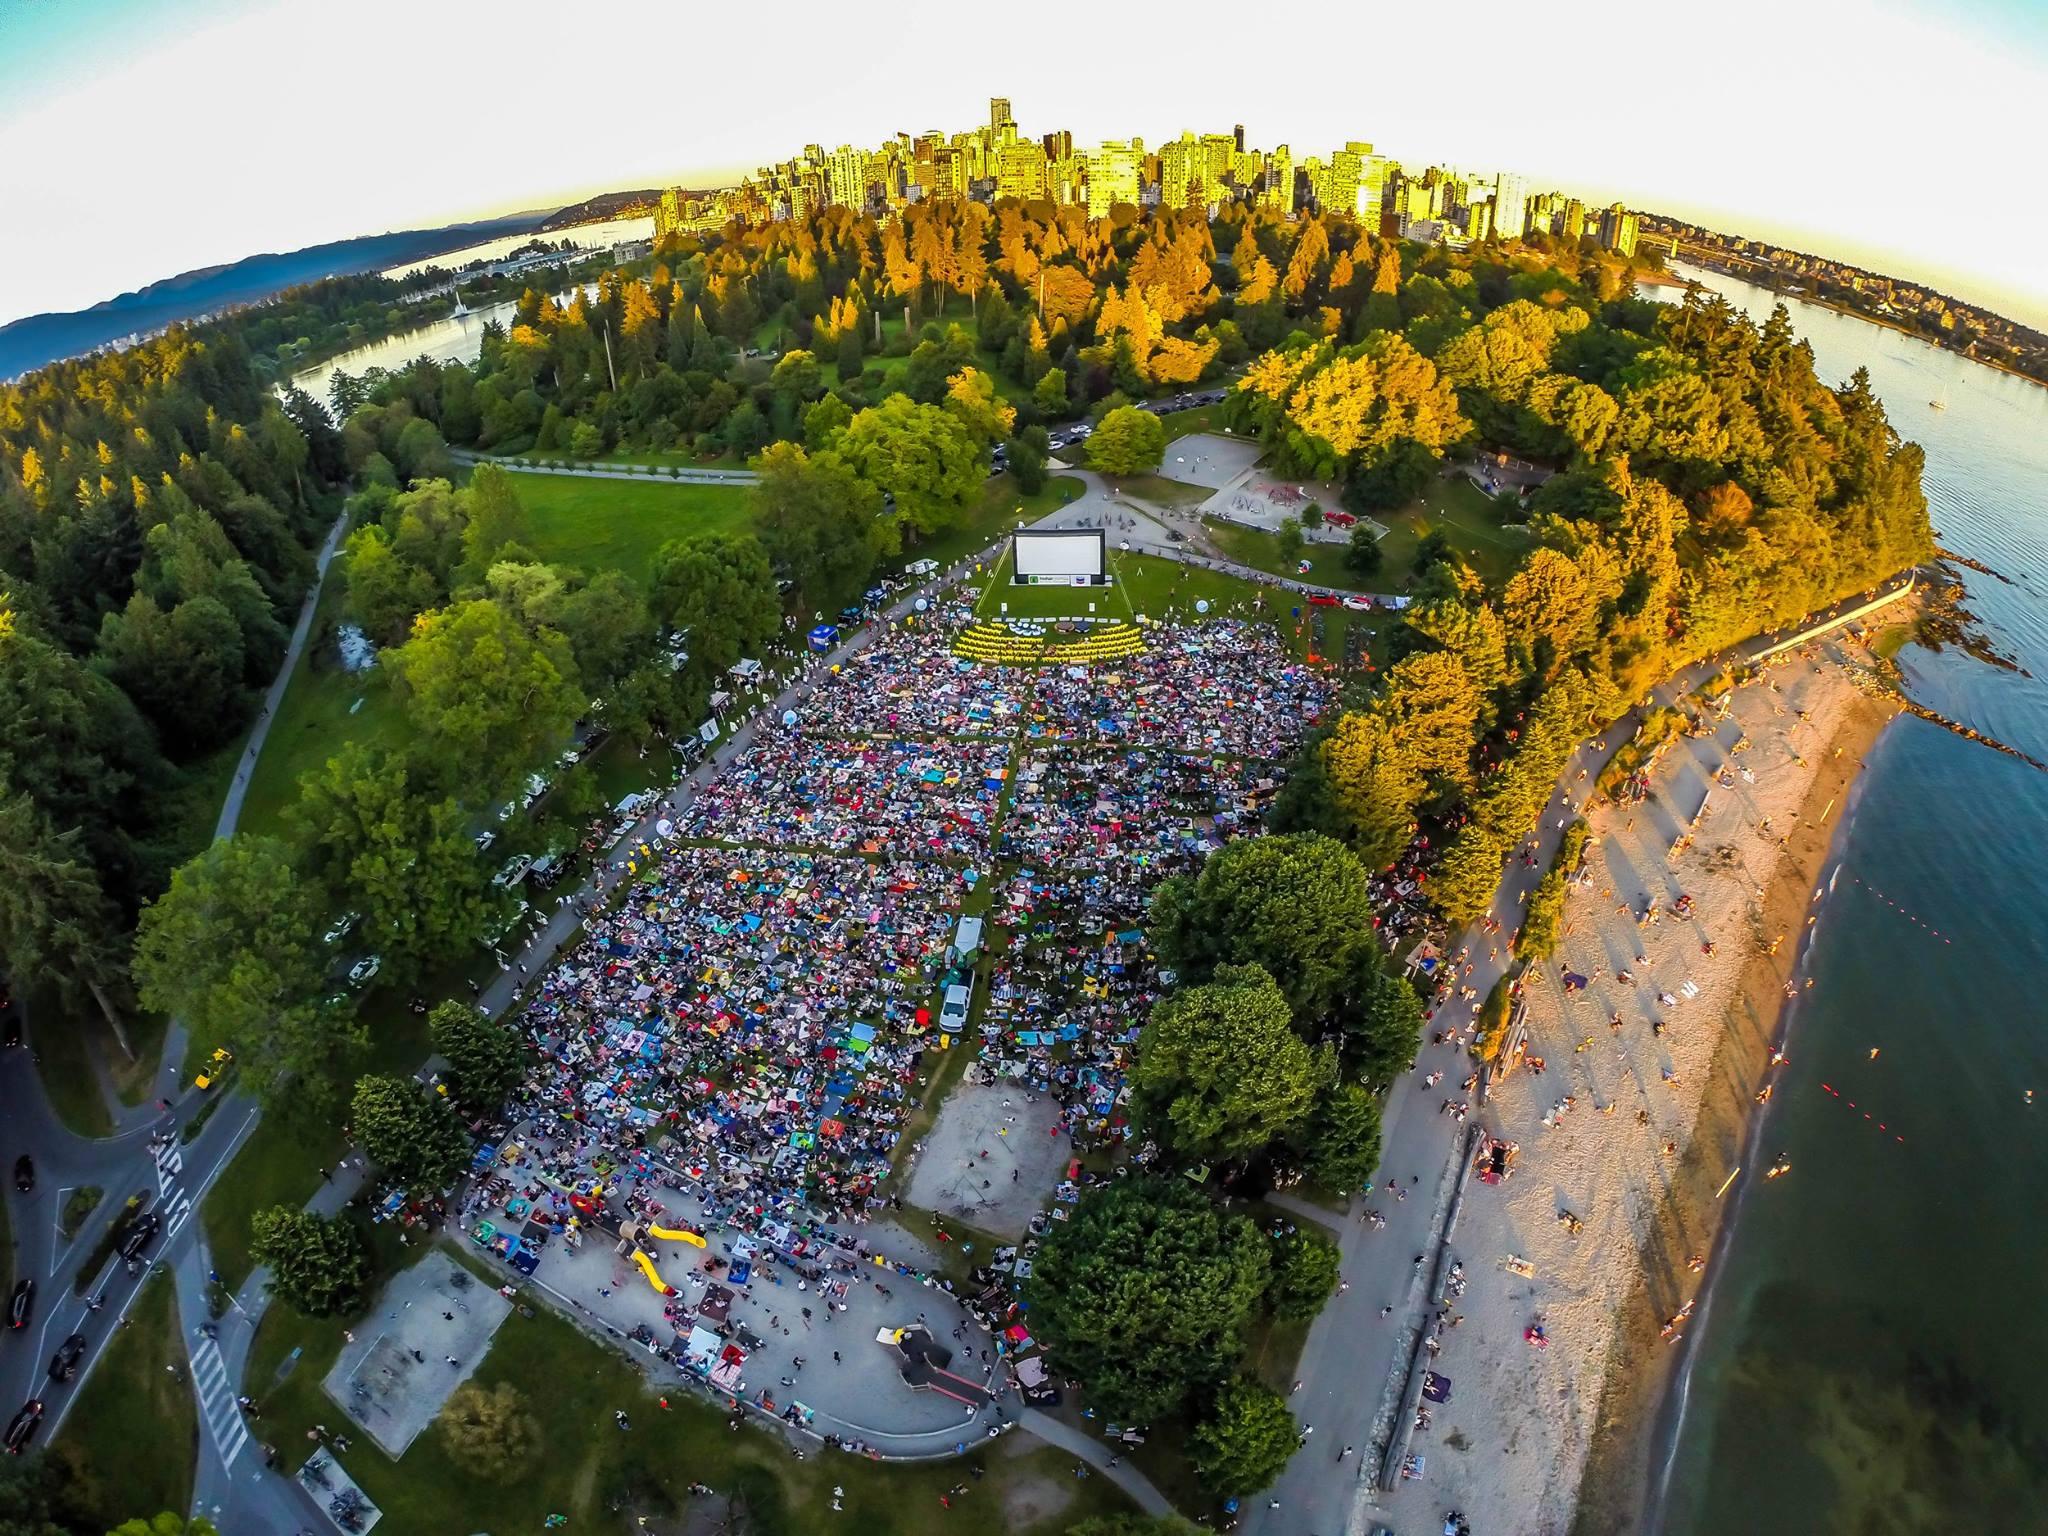 Evo-Summer-Cinema-crowd-at-Stanley-Park-in-summer